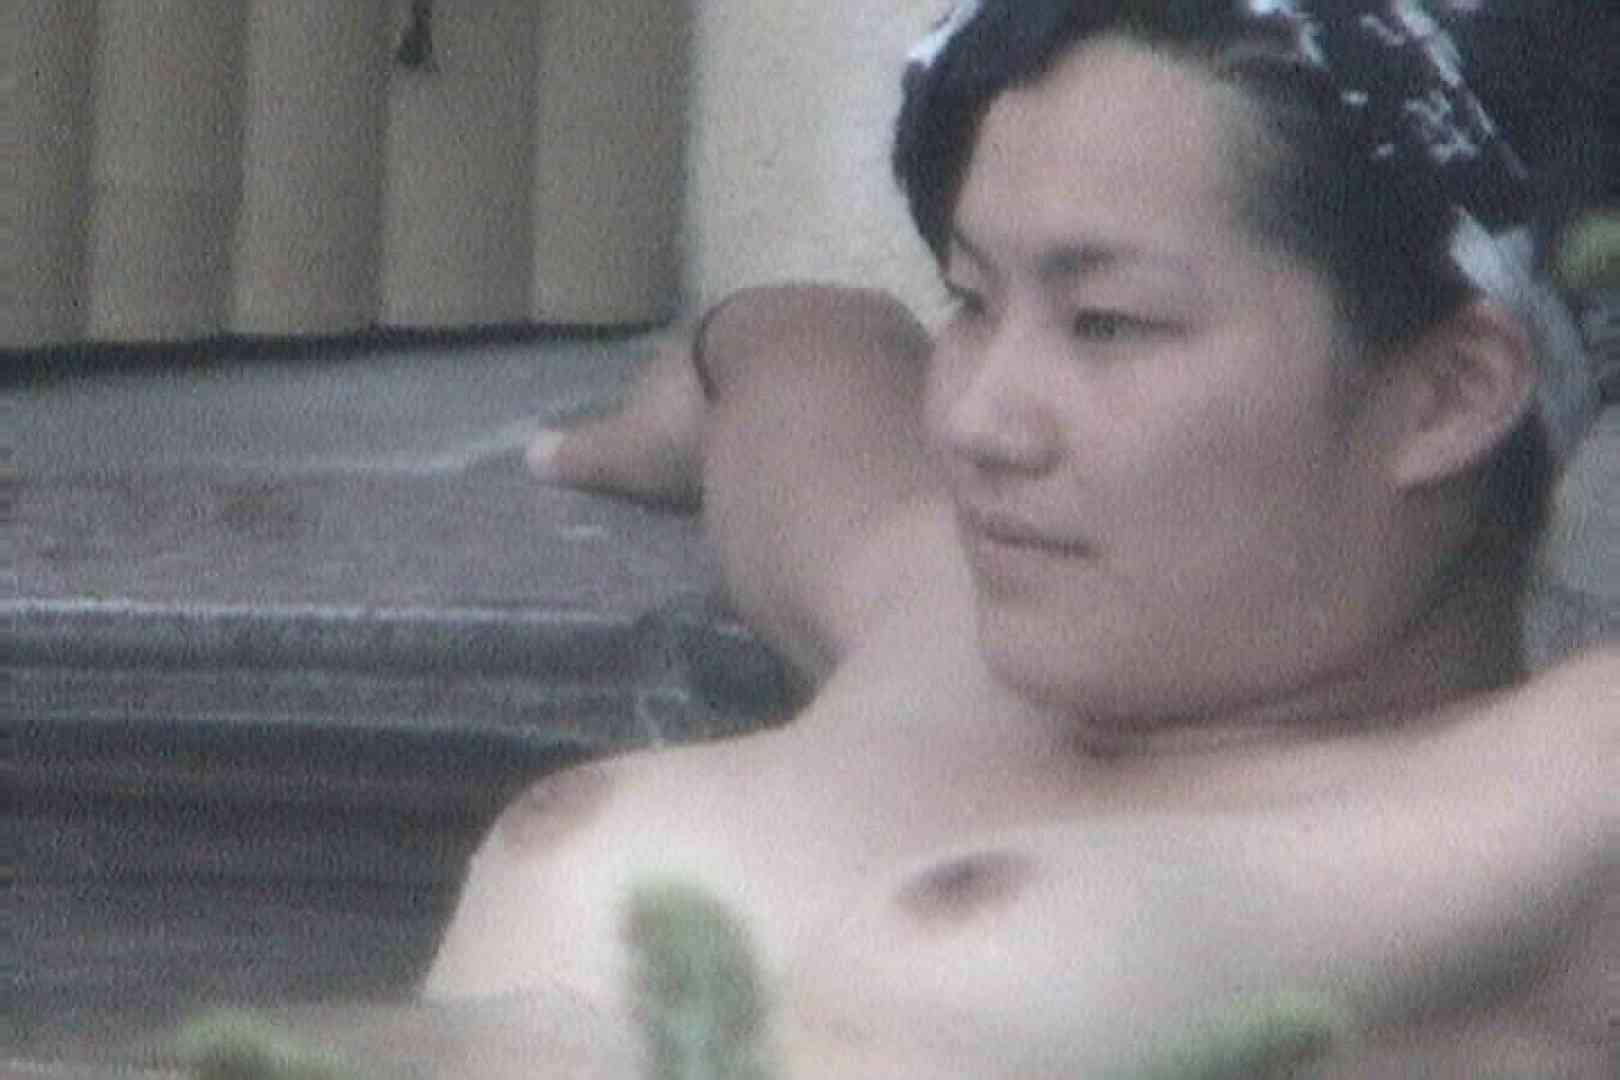 Aquaな露天風呂Vol.103 露天 | 盗撮  57画像 4